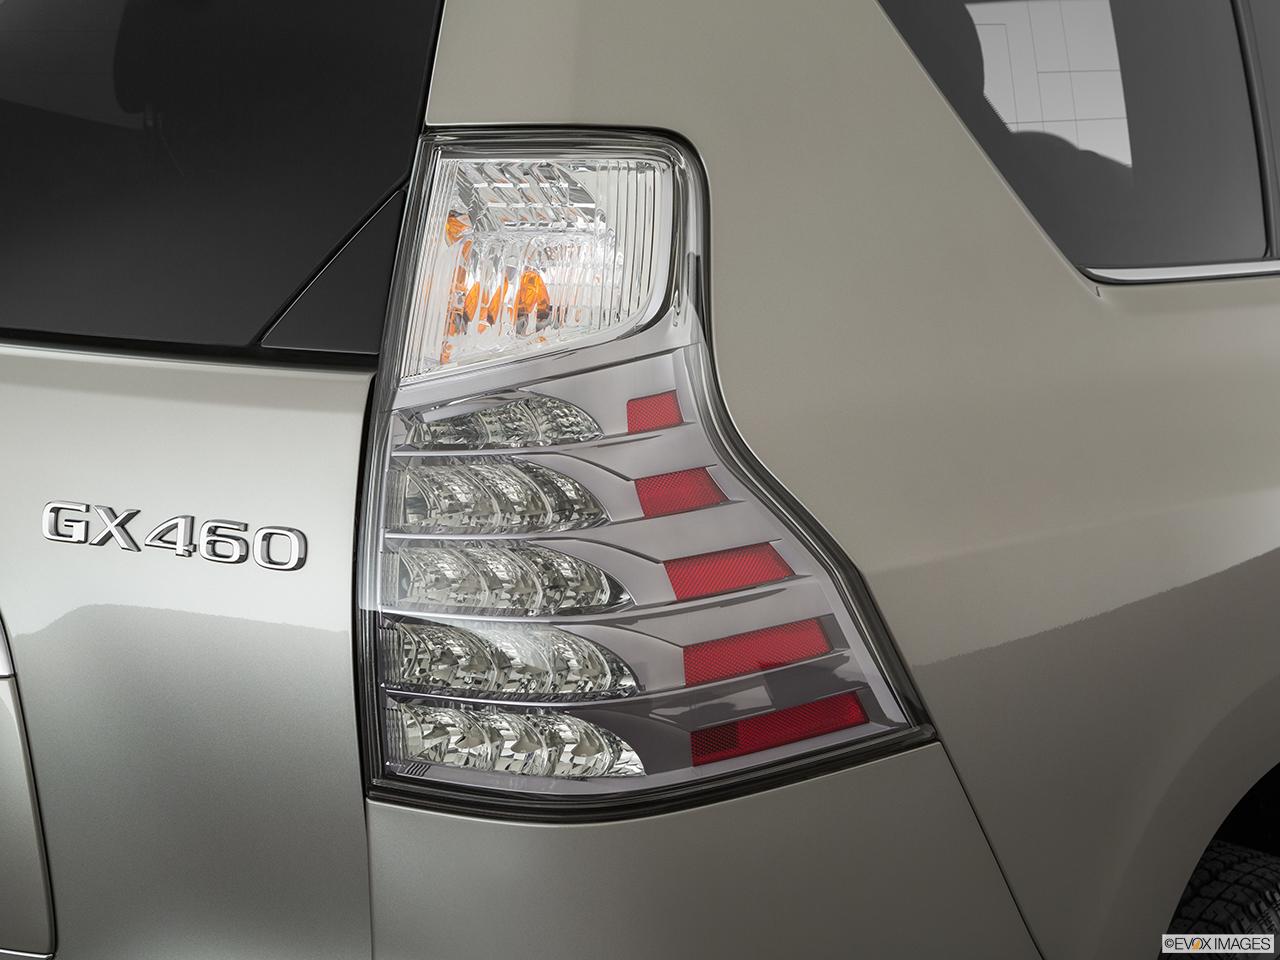 2020 Lexus GX 460 photo